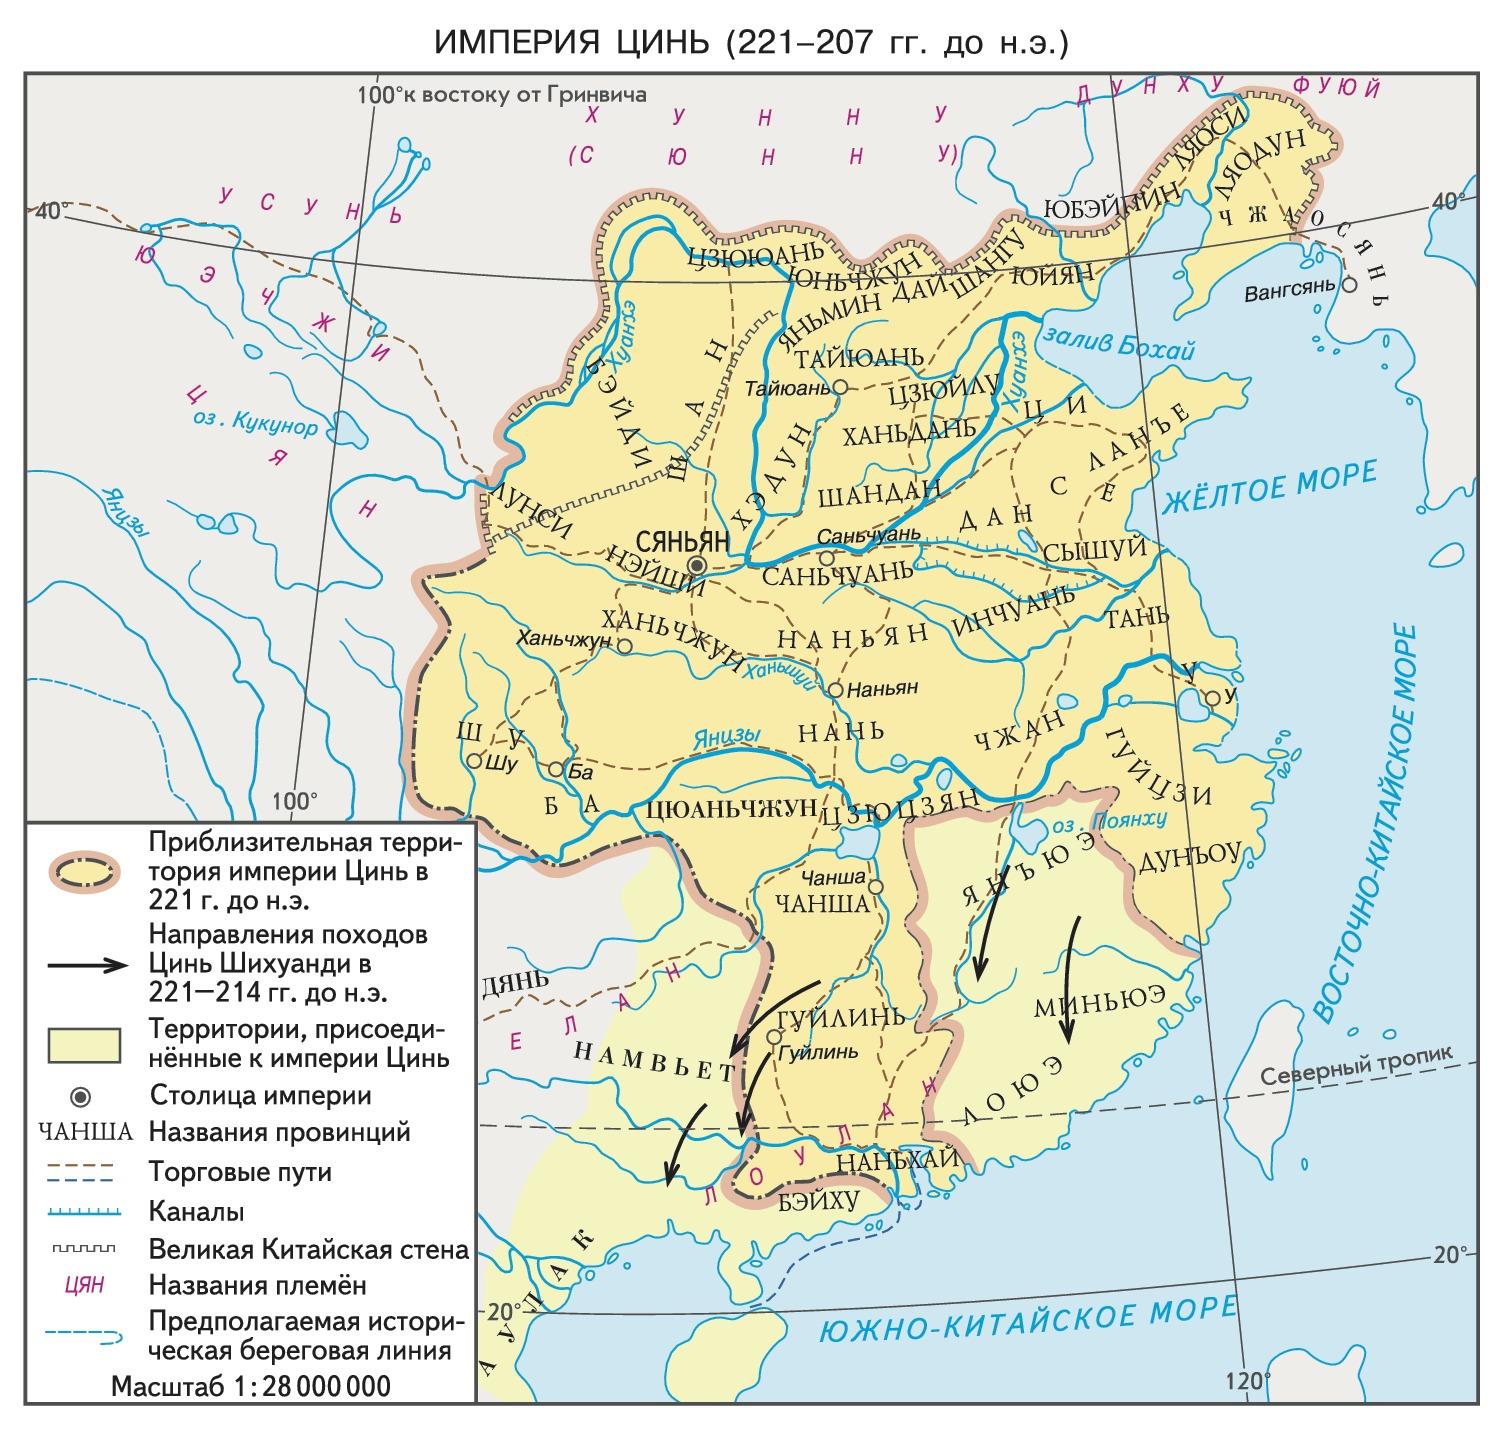 Китайская империя Цинь. Автор24 — интернет-биржа студенческих работ